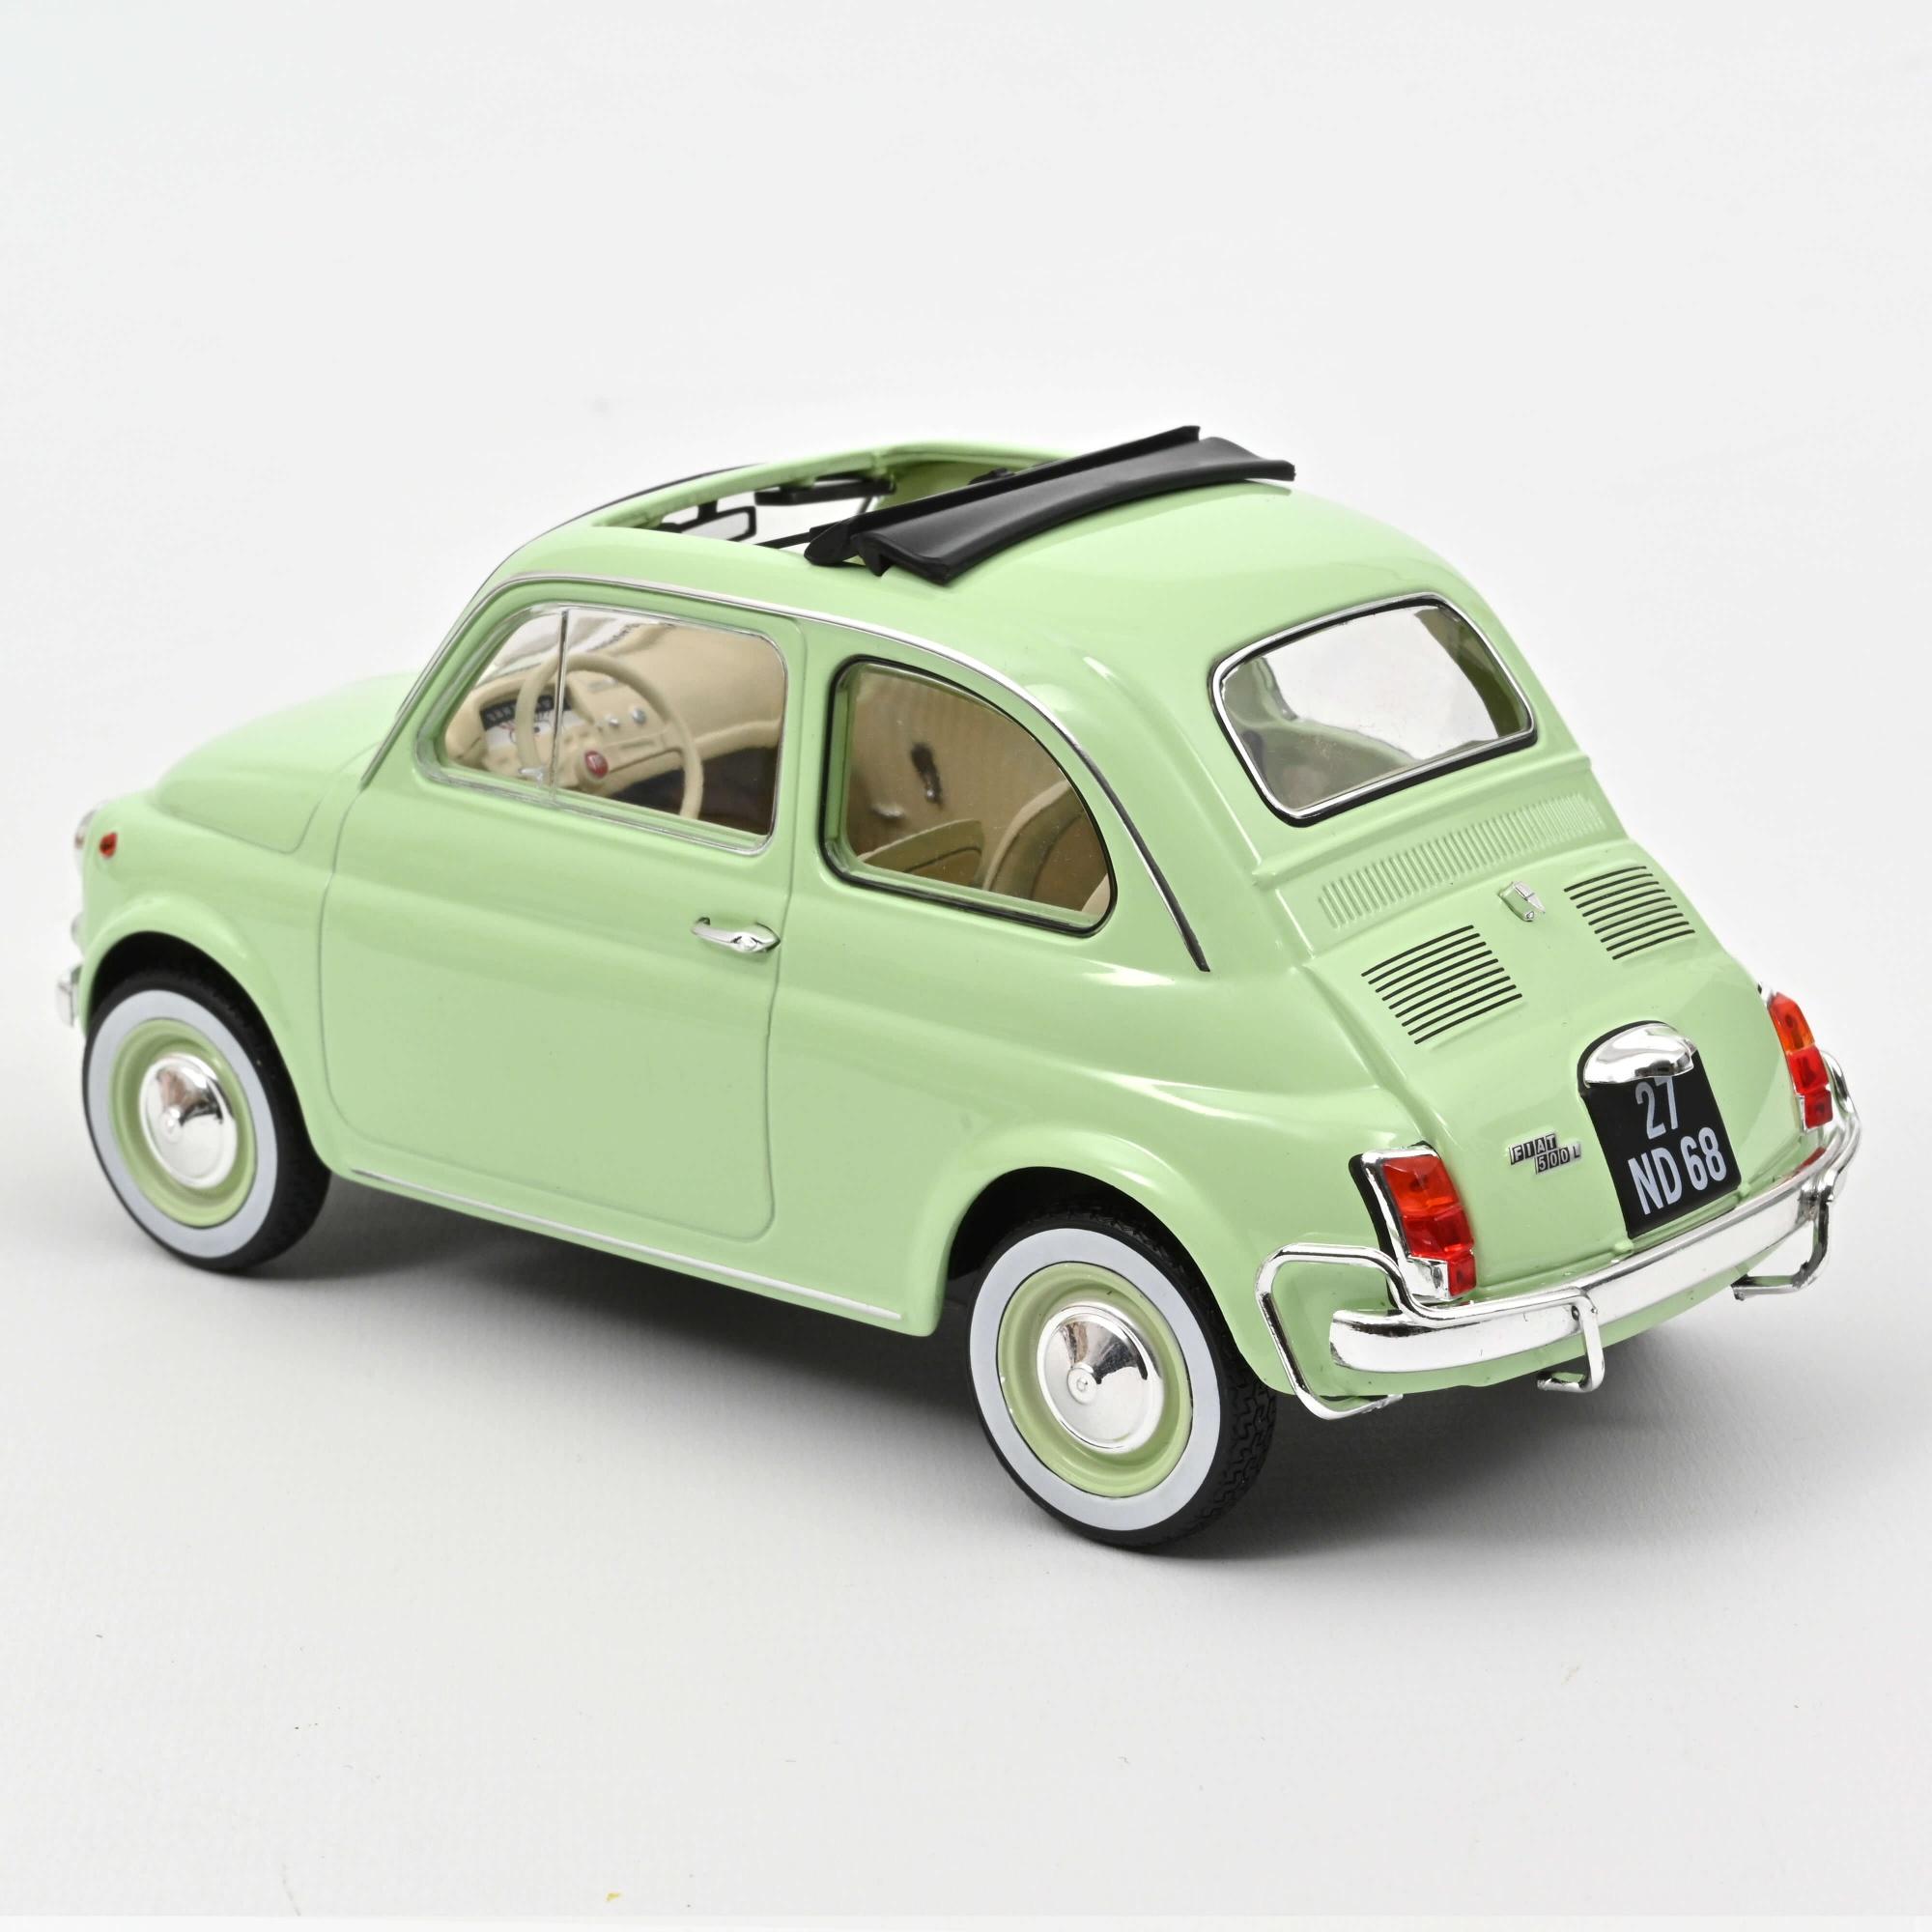 Fiat 500 L 1968 -Light green